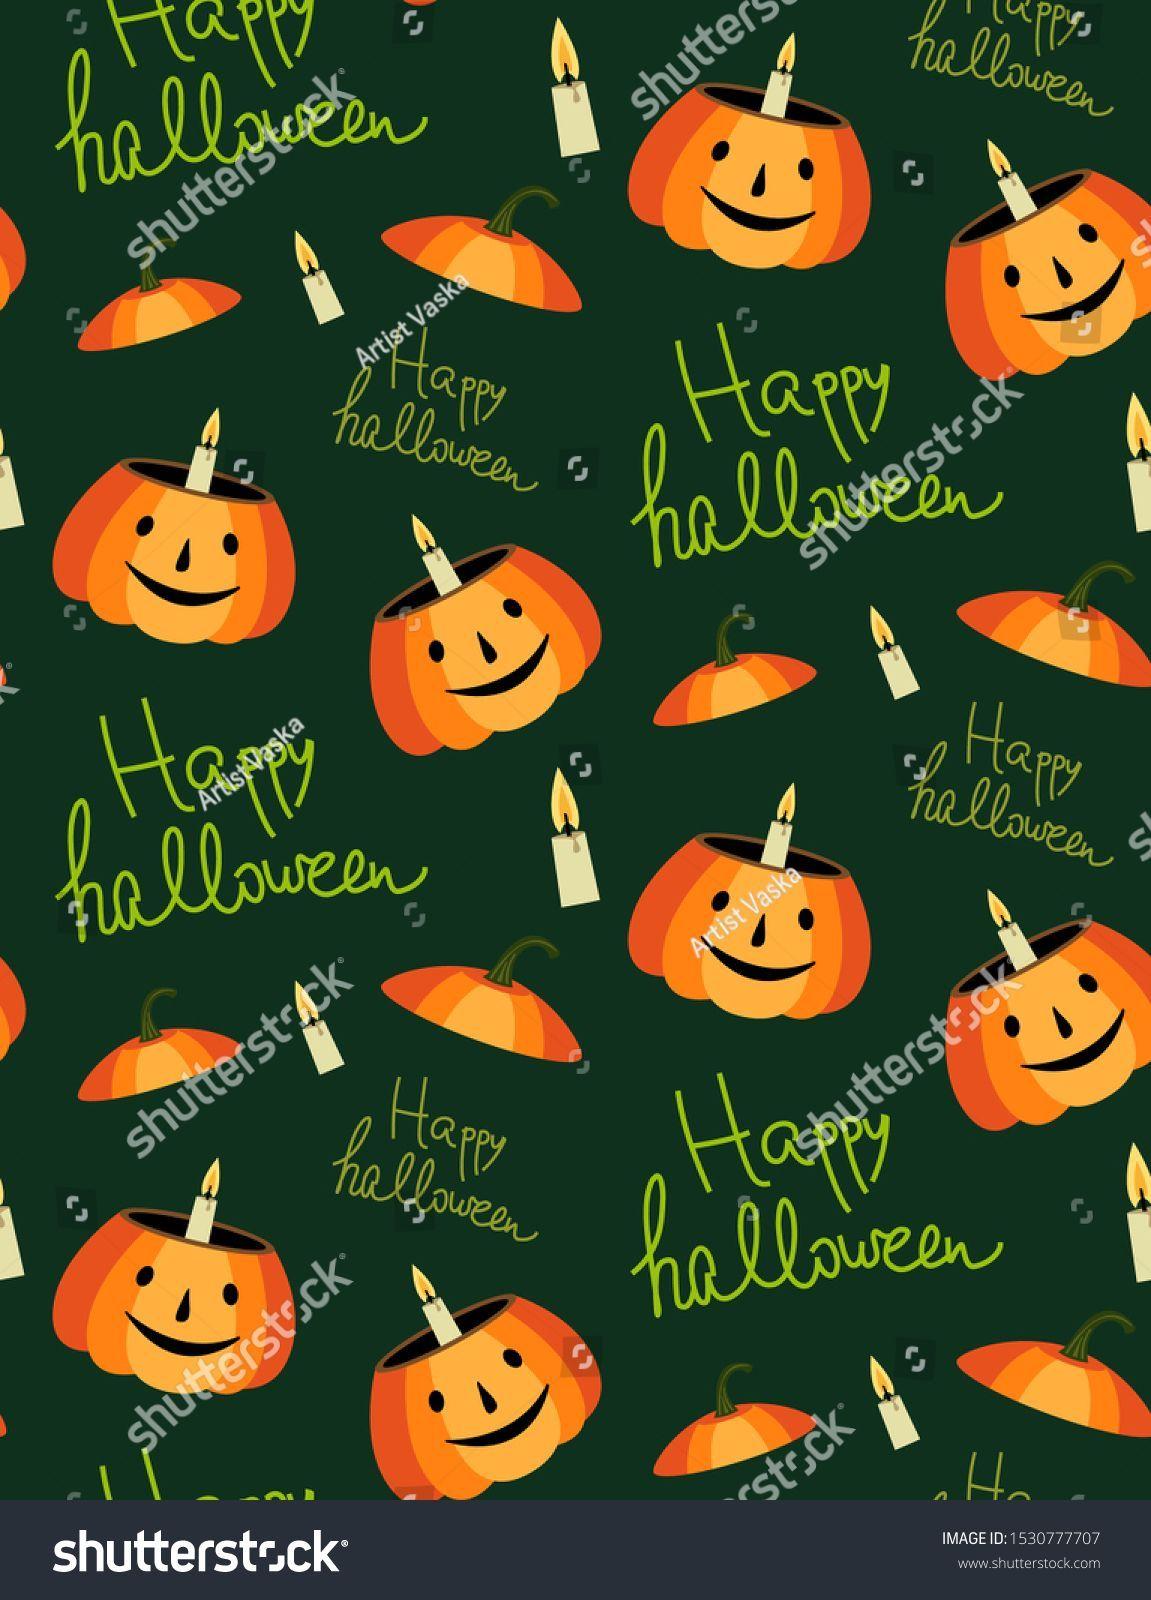 10 Free Easy Halloween Kurbis Schnitz Schablonen 11